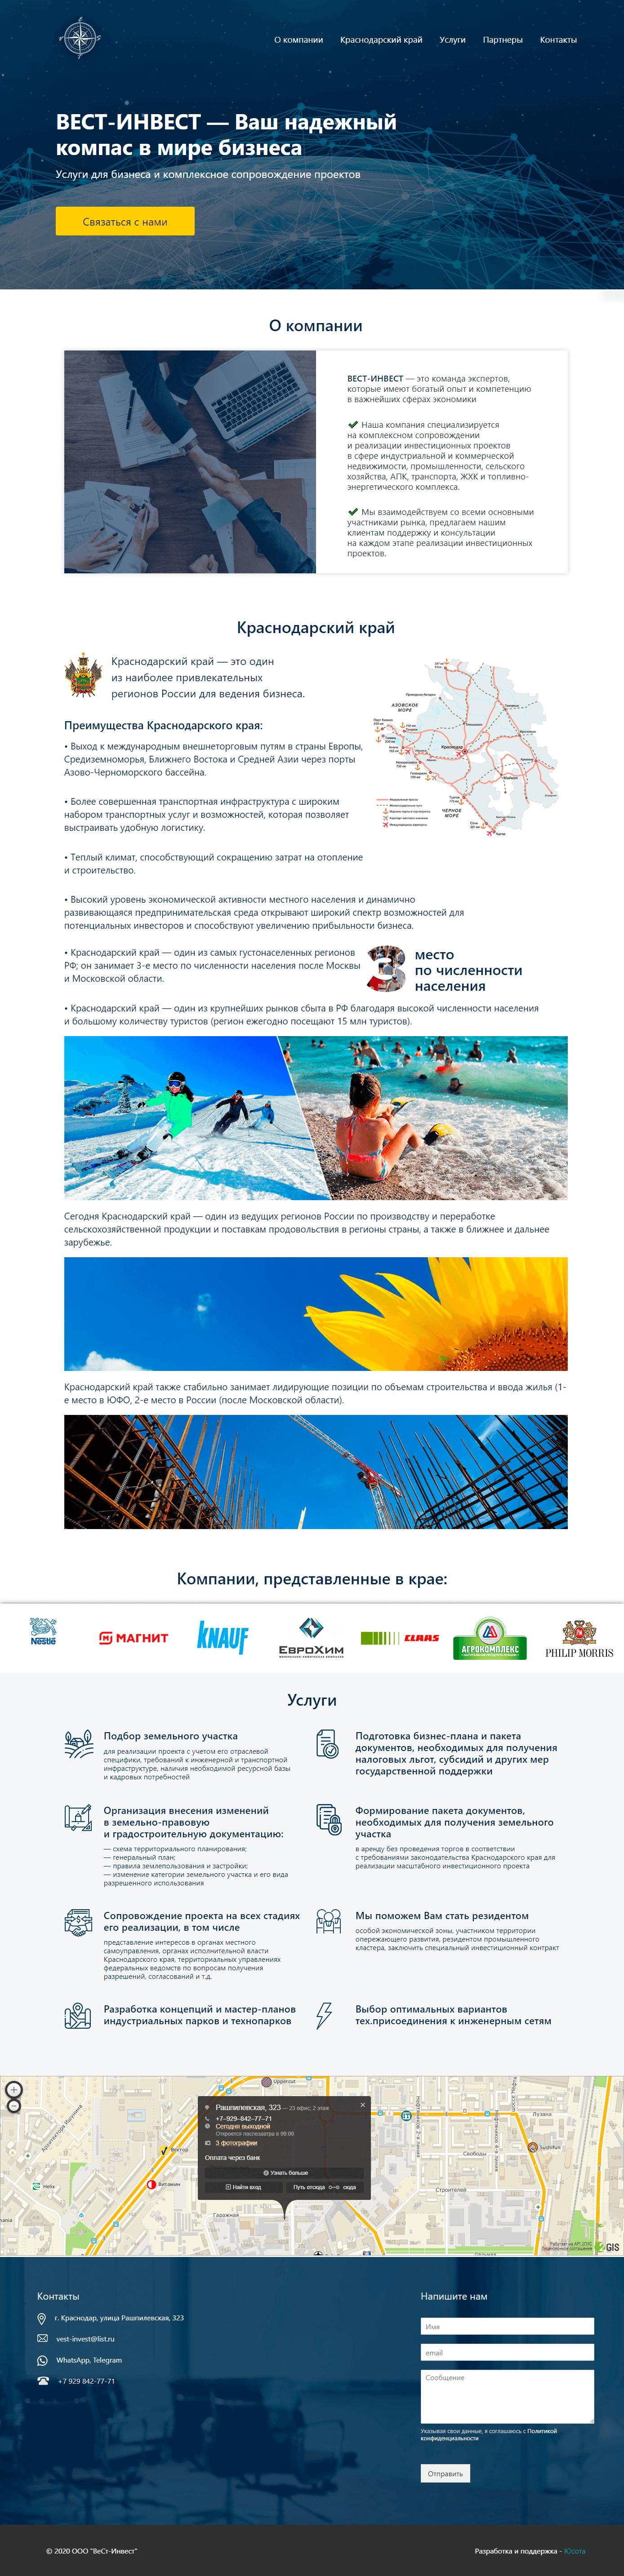 Сайт ВеСт-Инвест - сопровождение инвестиционных проектов в Краснодаре